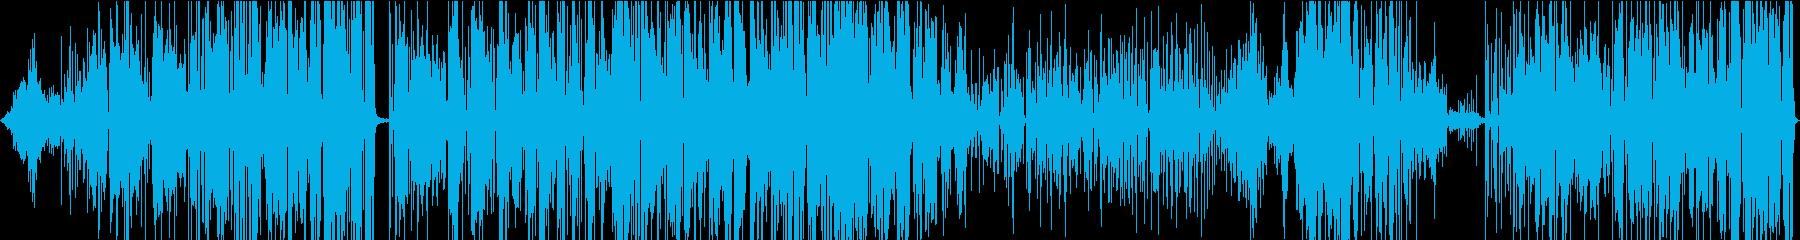 ジャズ。ジャズ四重奏団の即興演奏。の再生済みの波形